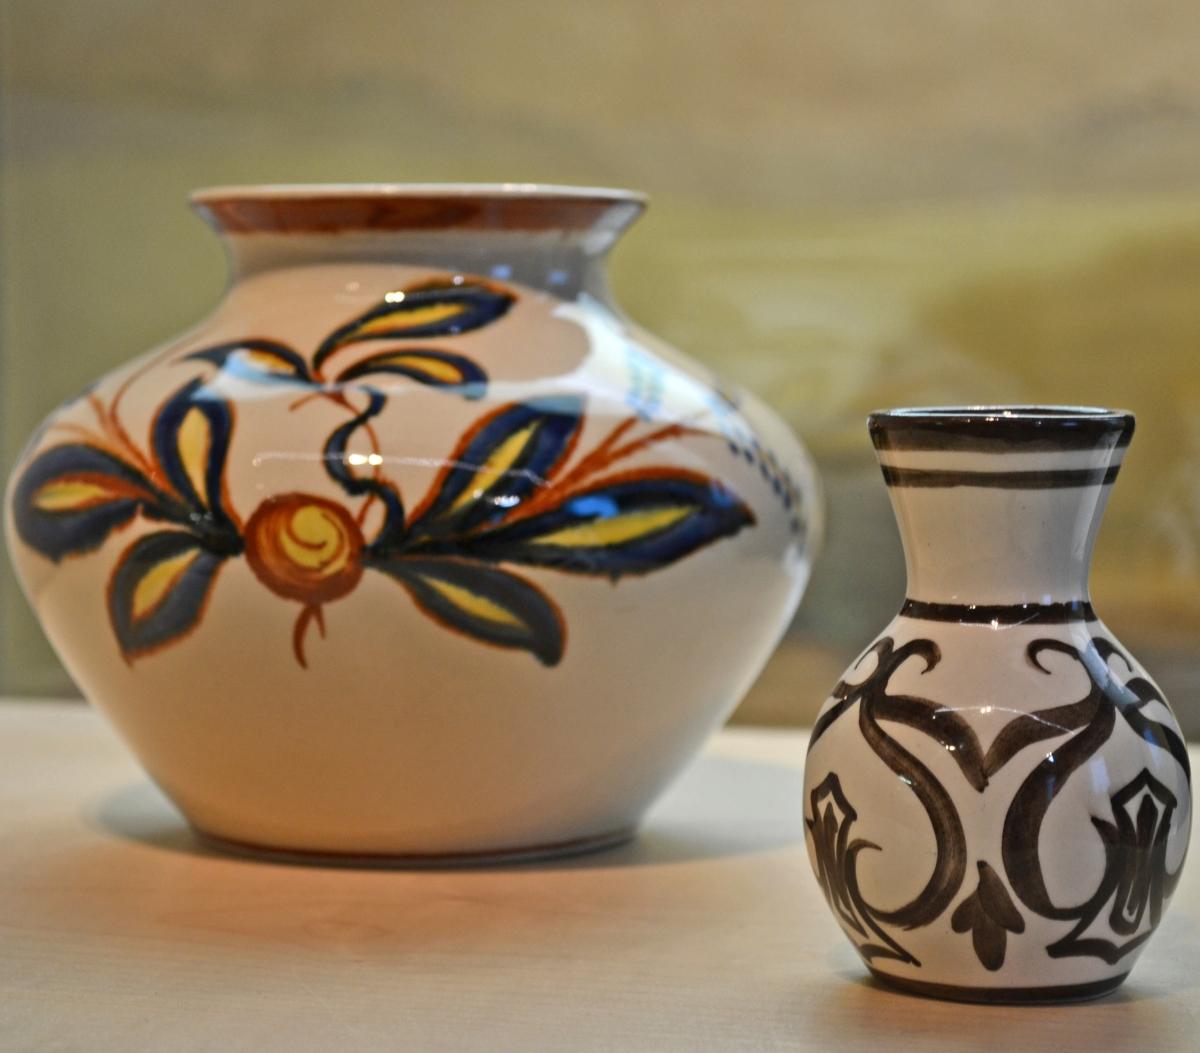 datant poterie faïence datant d'un non Vegan